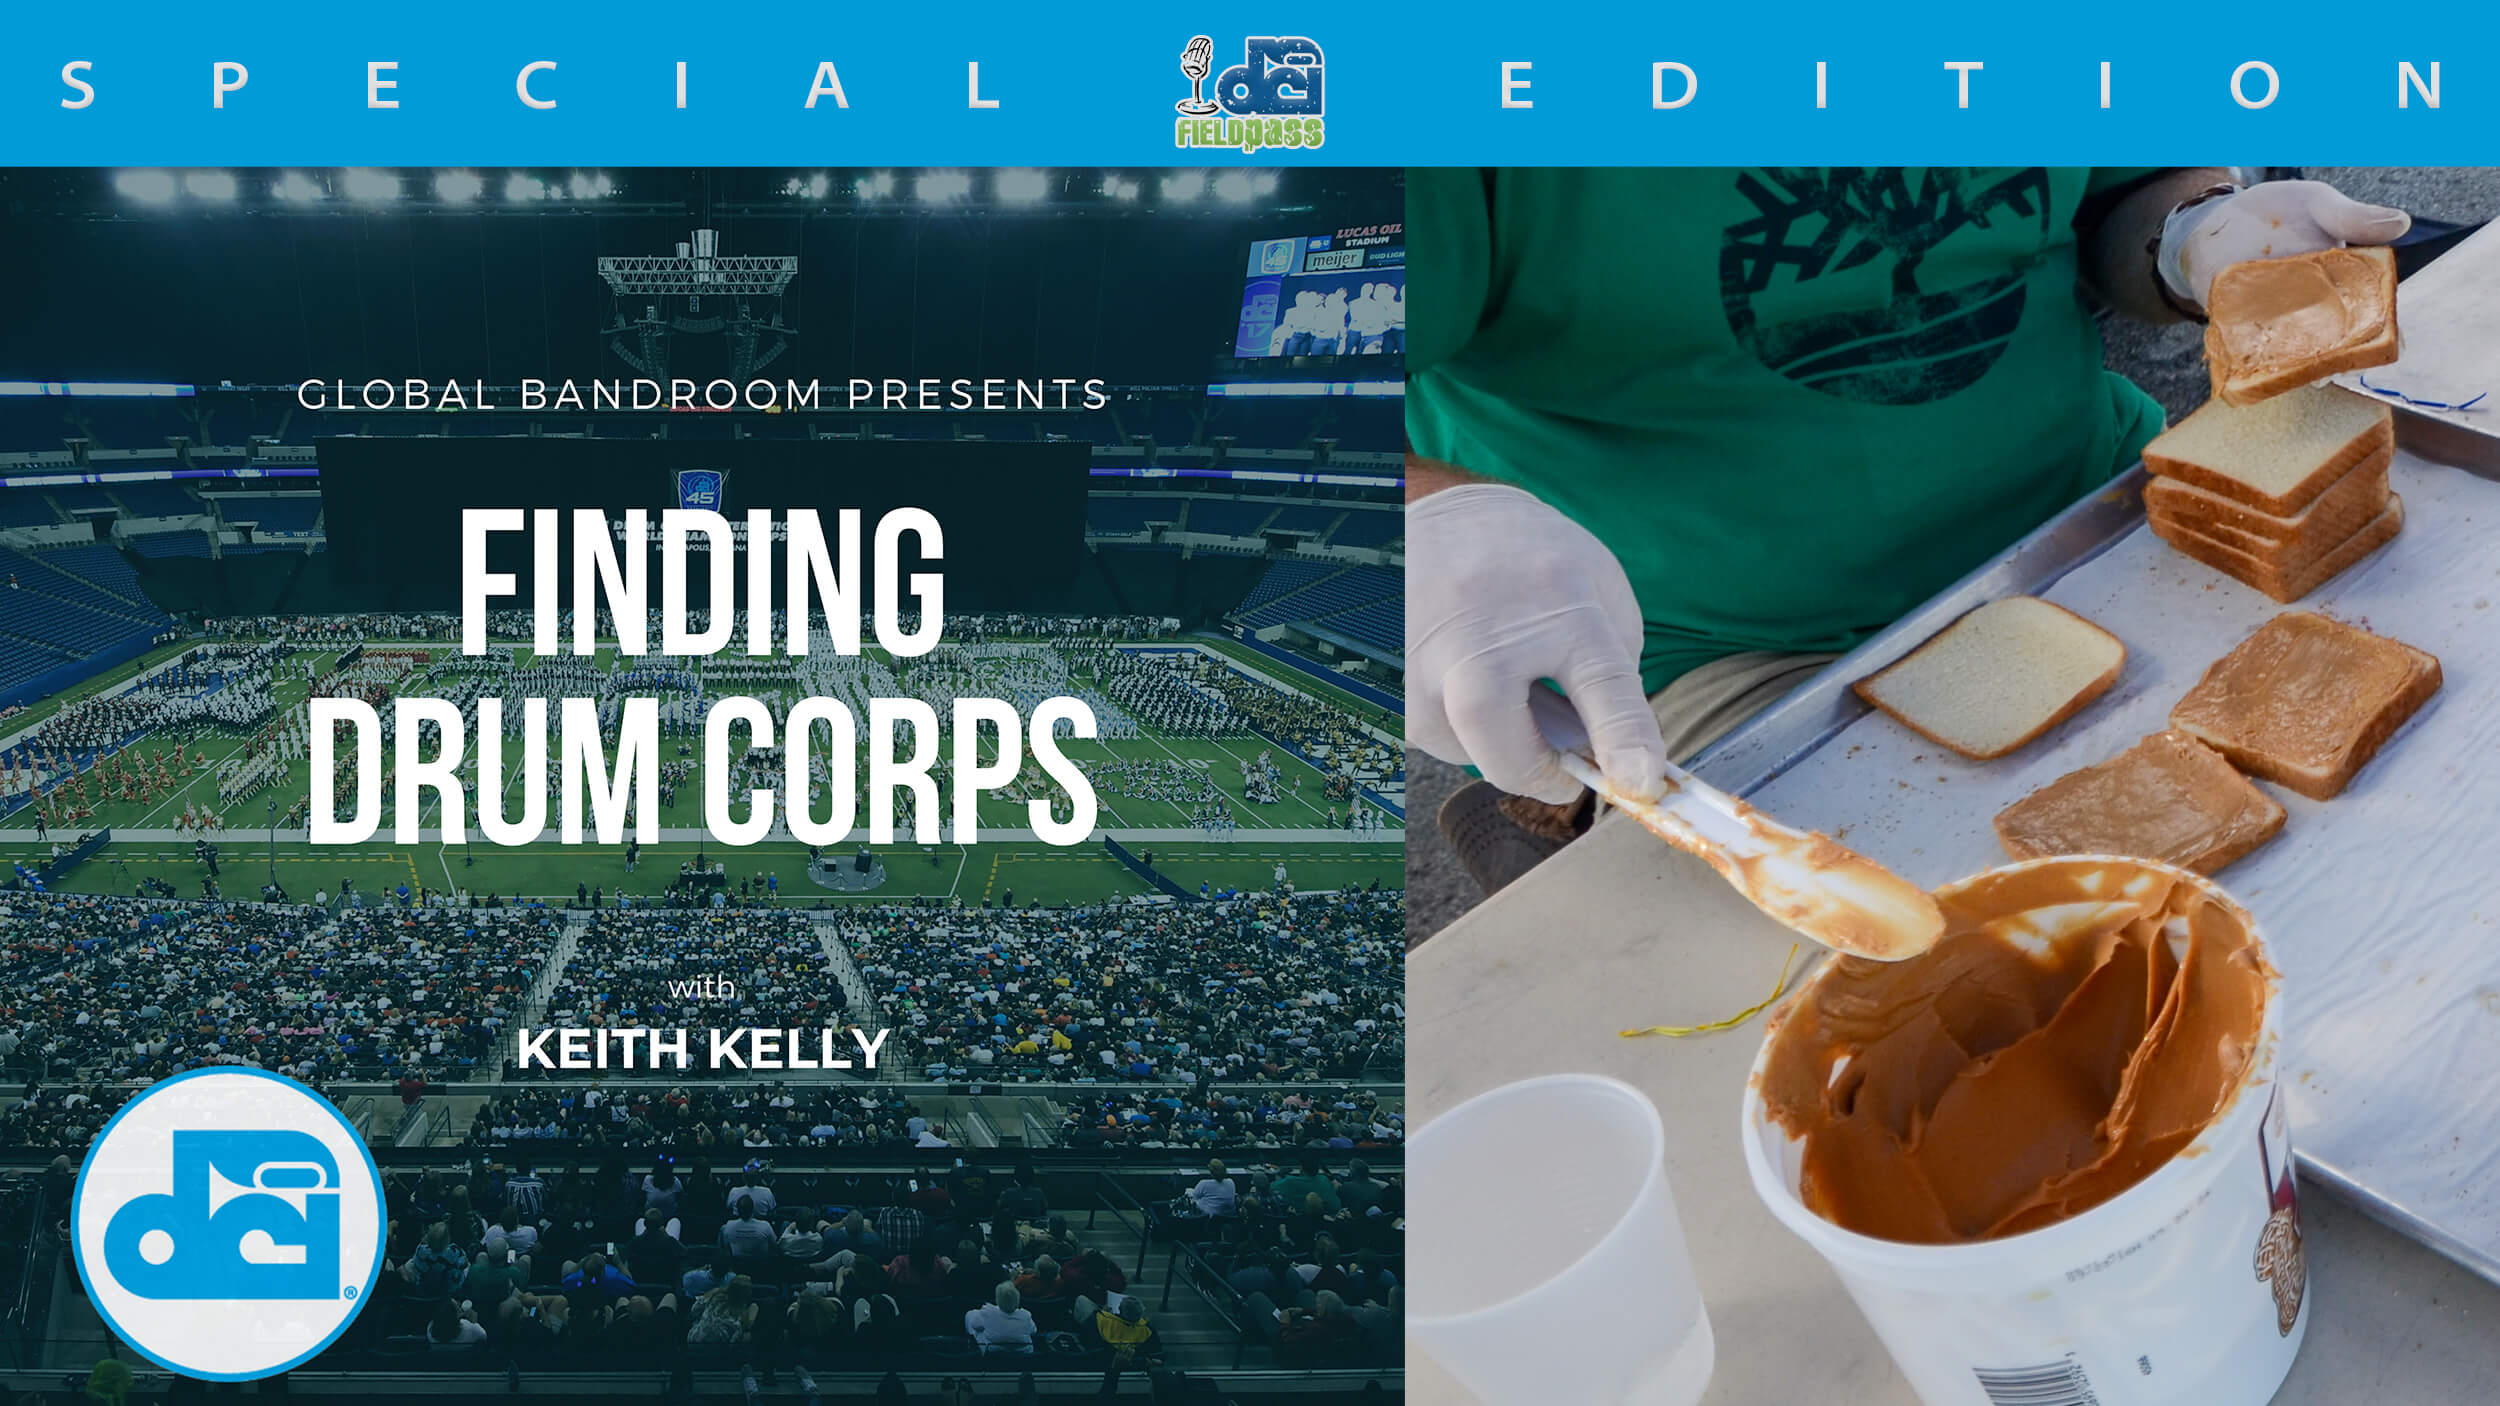 Finding Drum Corps: The hidden heroes